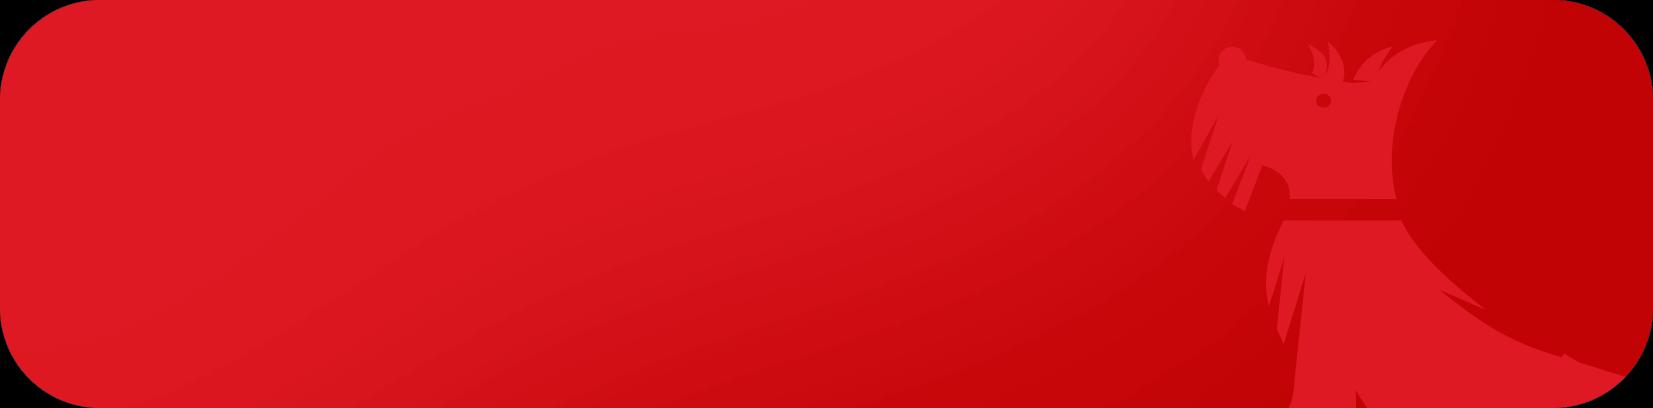 round-box-red